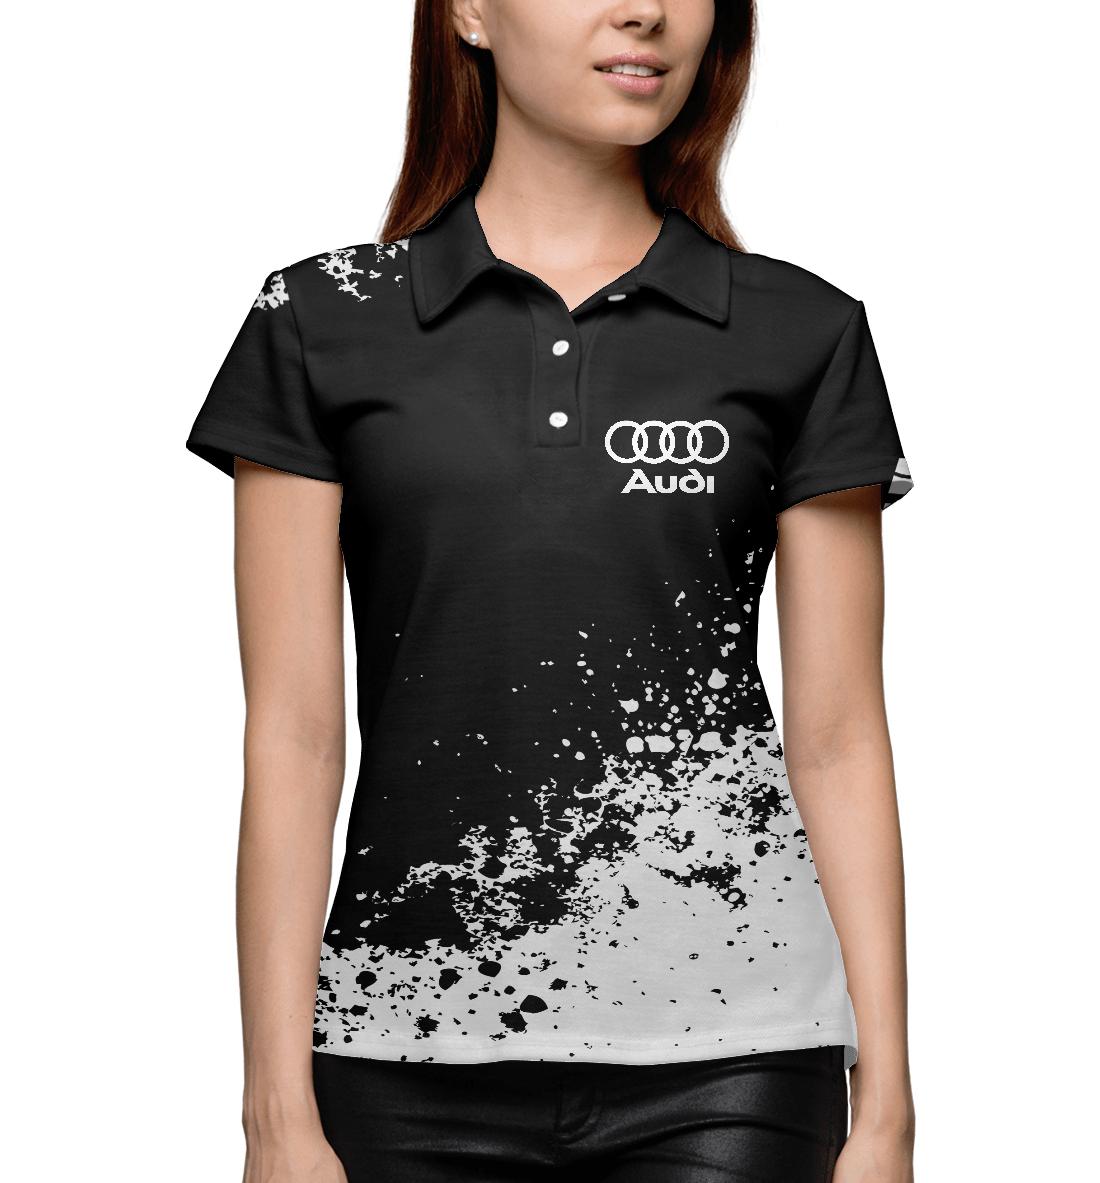 Купить Audi abstract sport uniform, Printbar, Поло, AUD-943965-pol-1